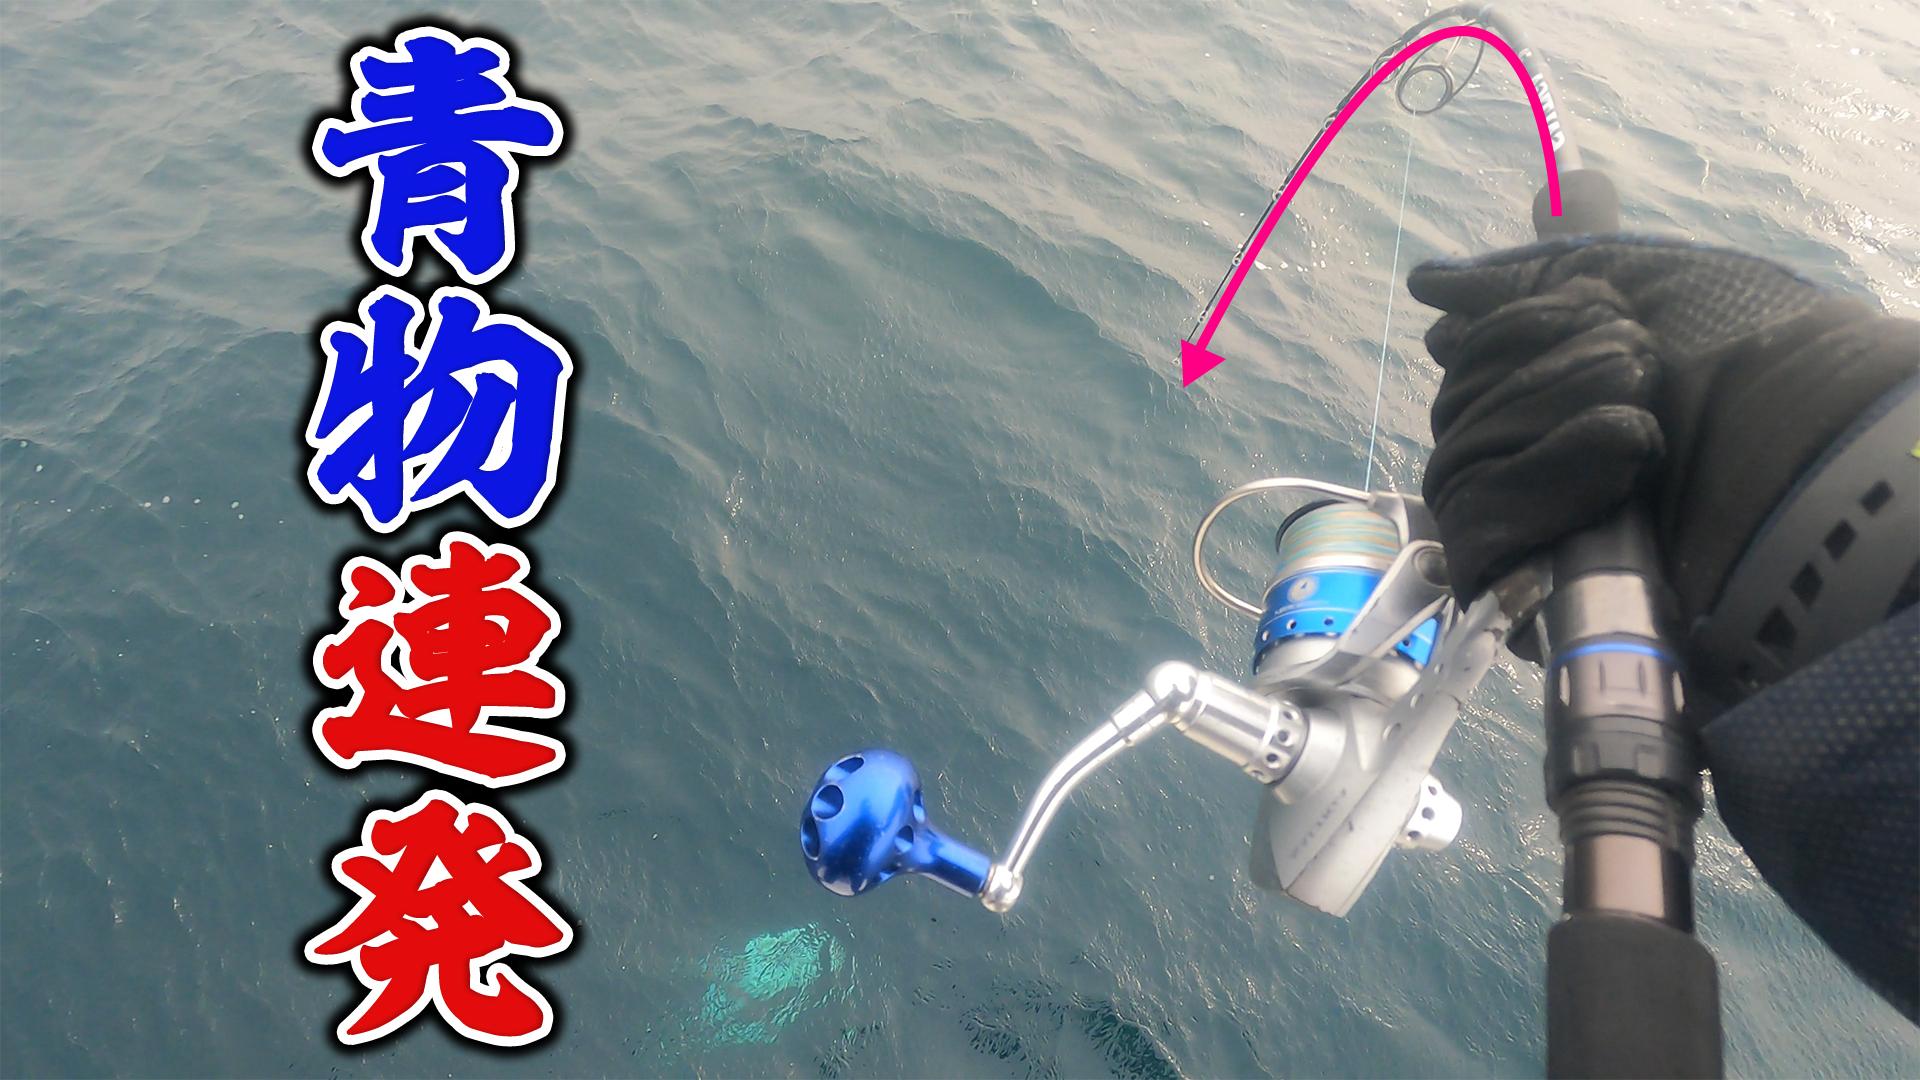 【オフショアジギング】ジギングで青物連発  沼島盛漁丸のサムネイル